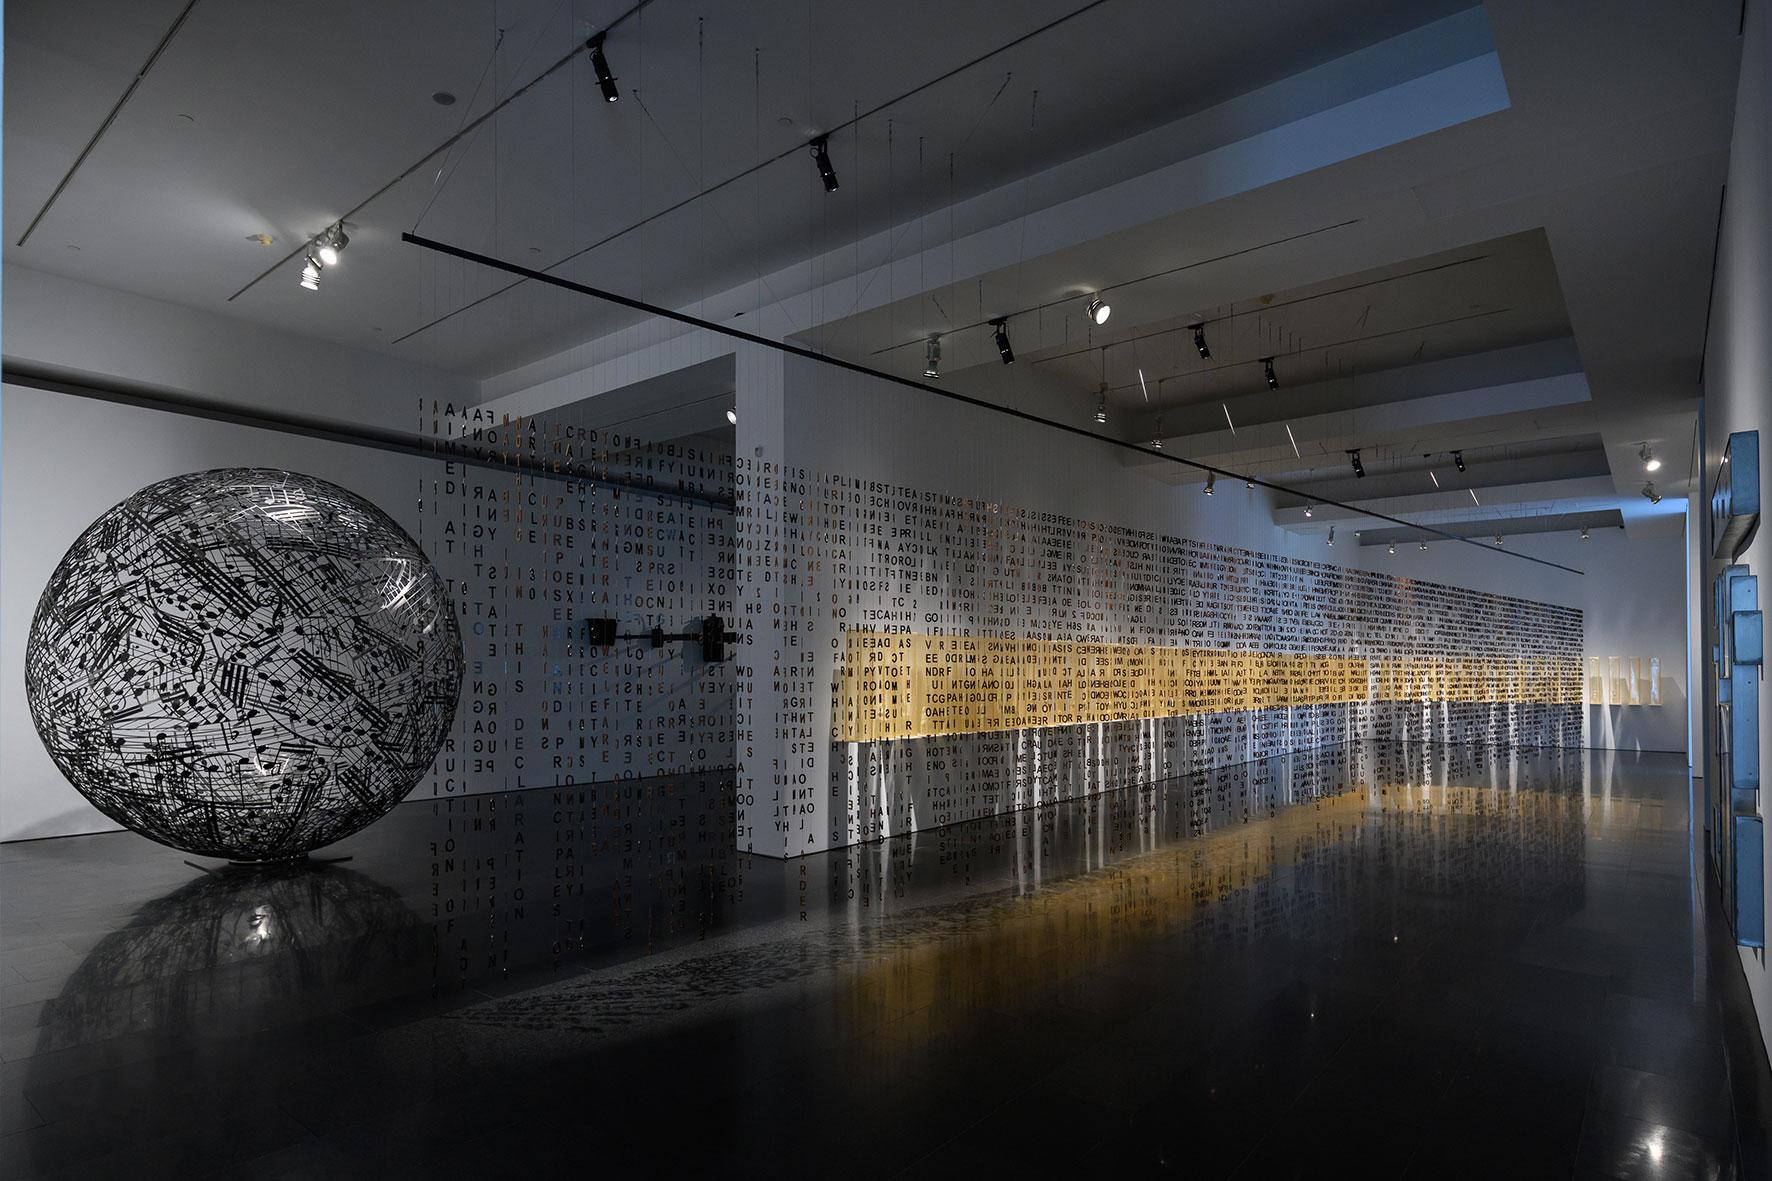 Vista de la exposición de Jaume Plensa en el MACBA. Foto: Miquel Coll.